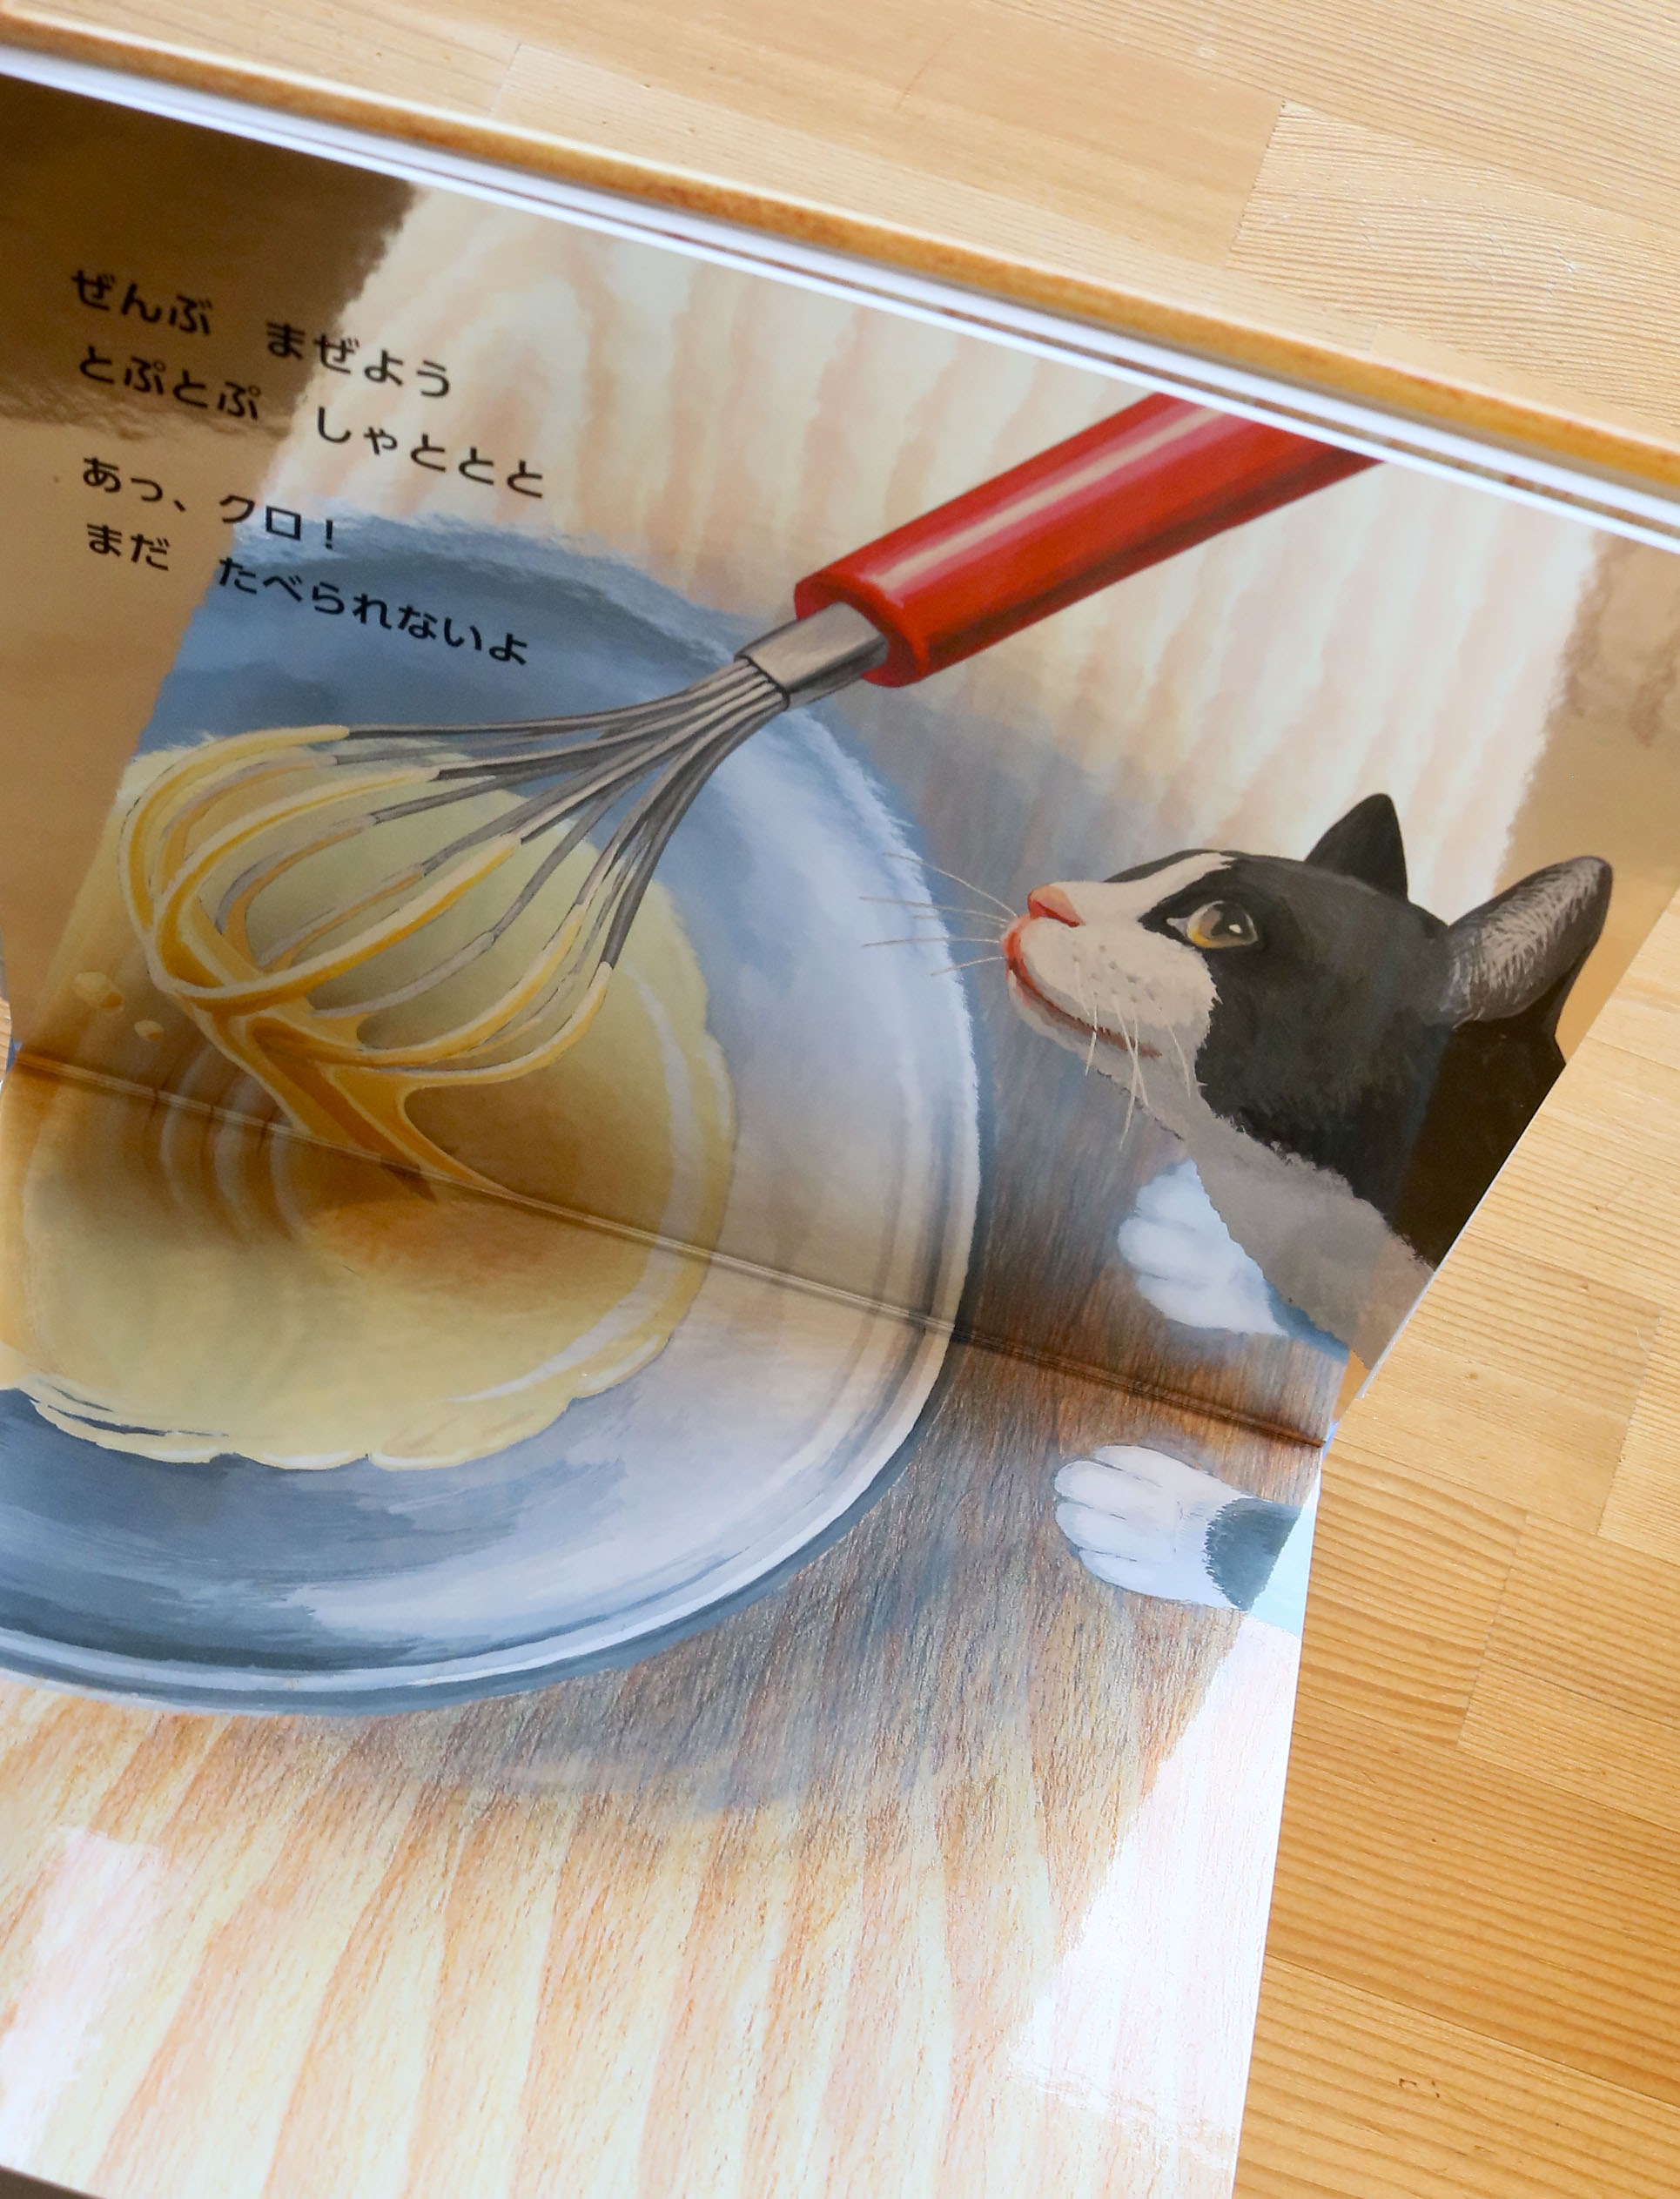 えほんのなかにねこがいるよ 絵本 秋田 かぎしっぽ 猫絵本